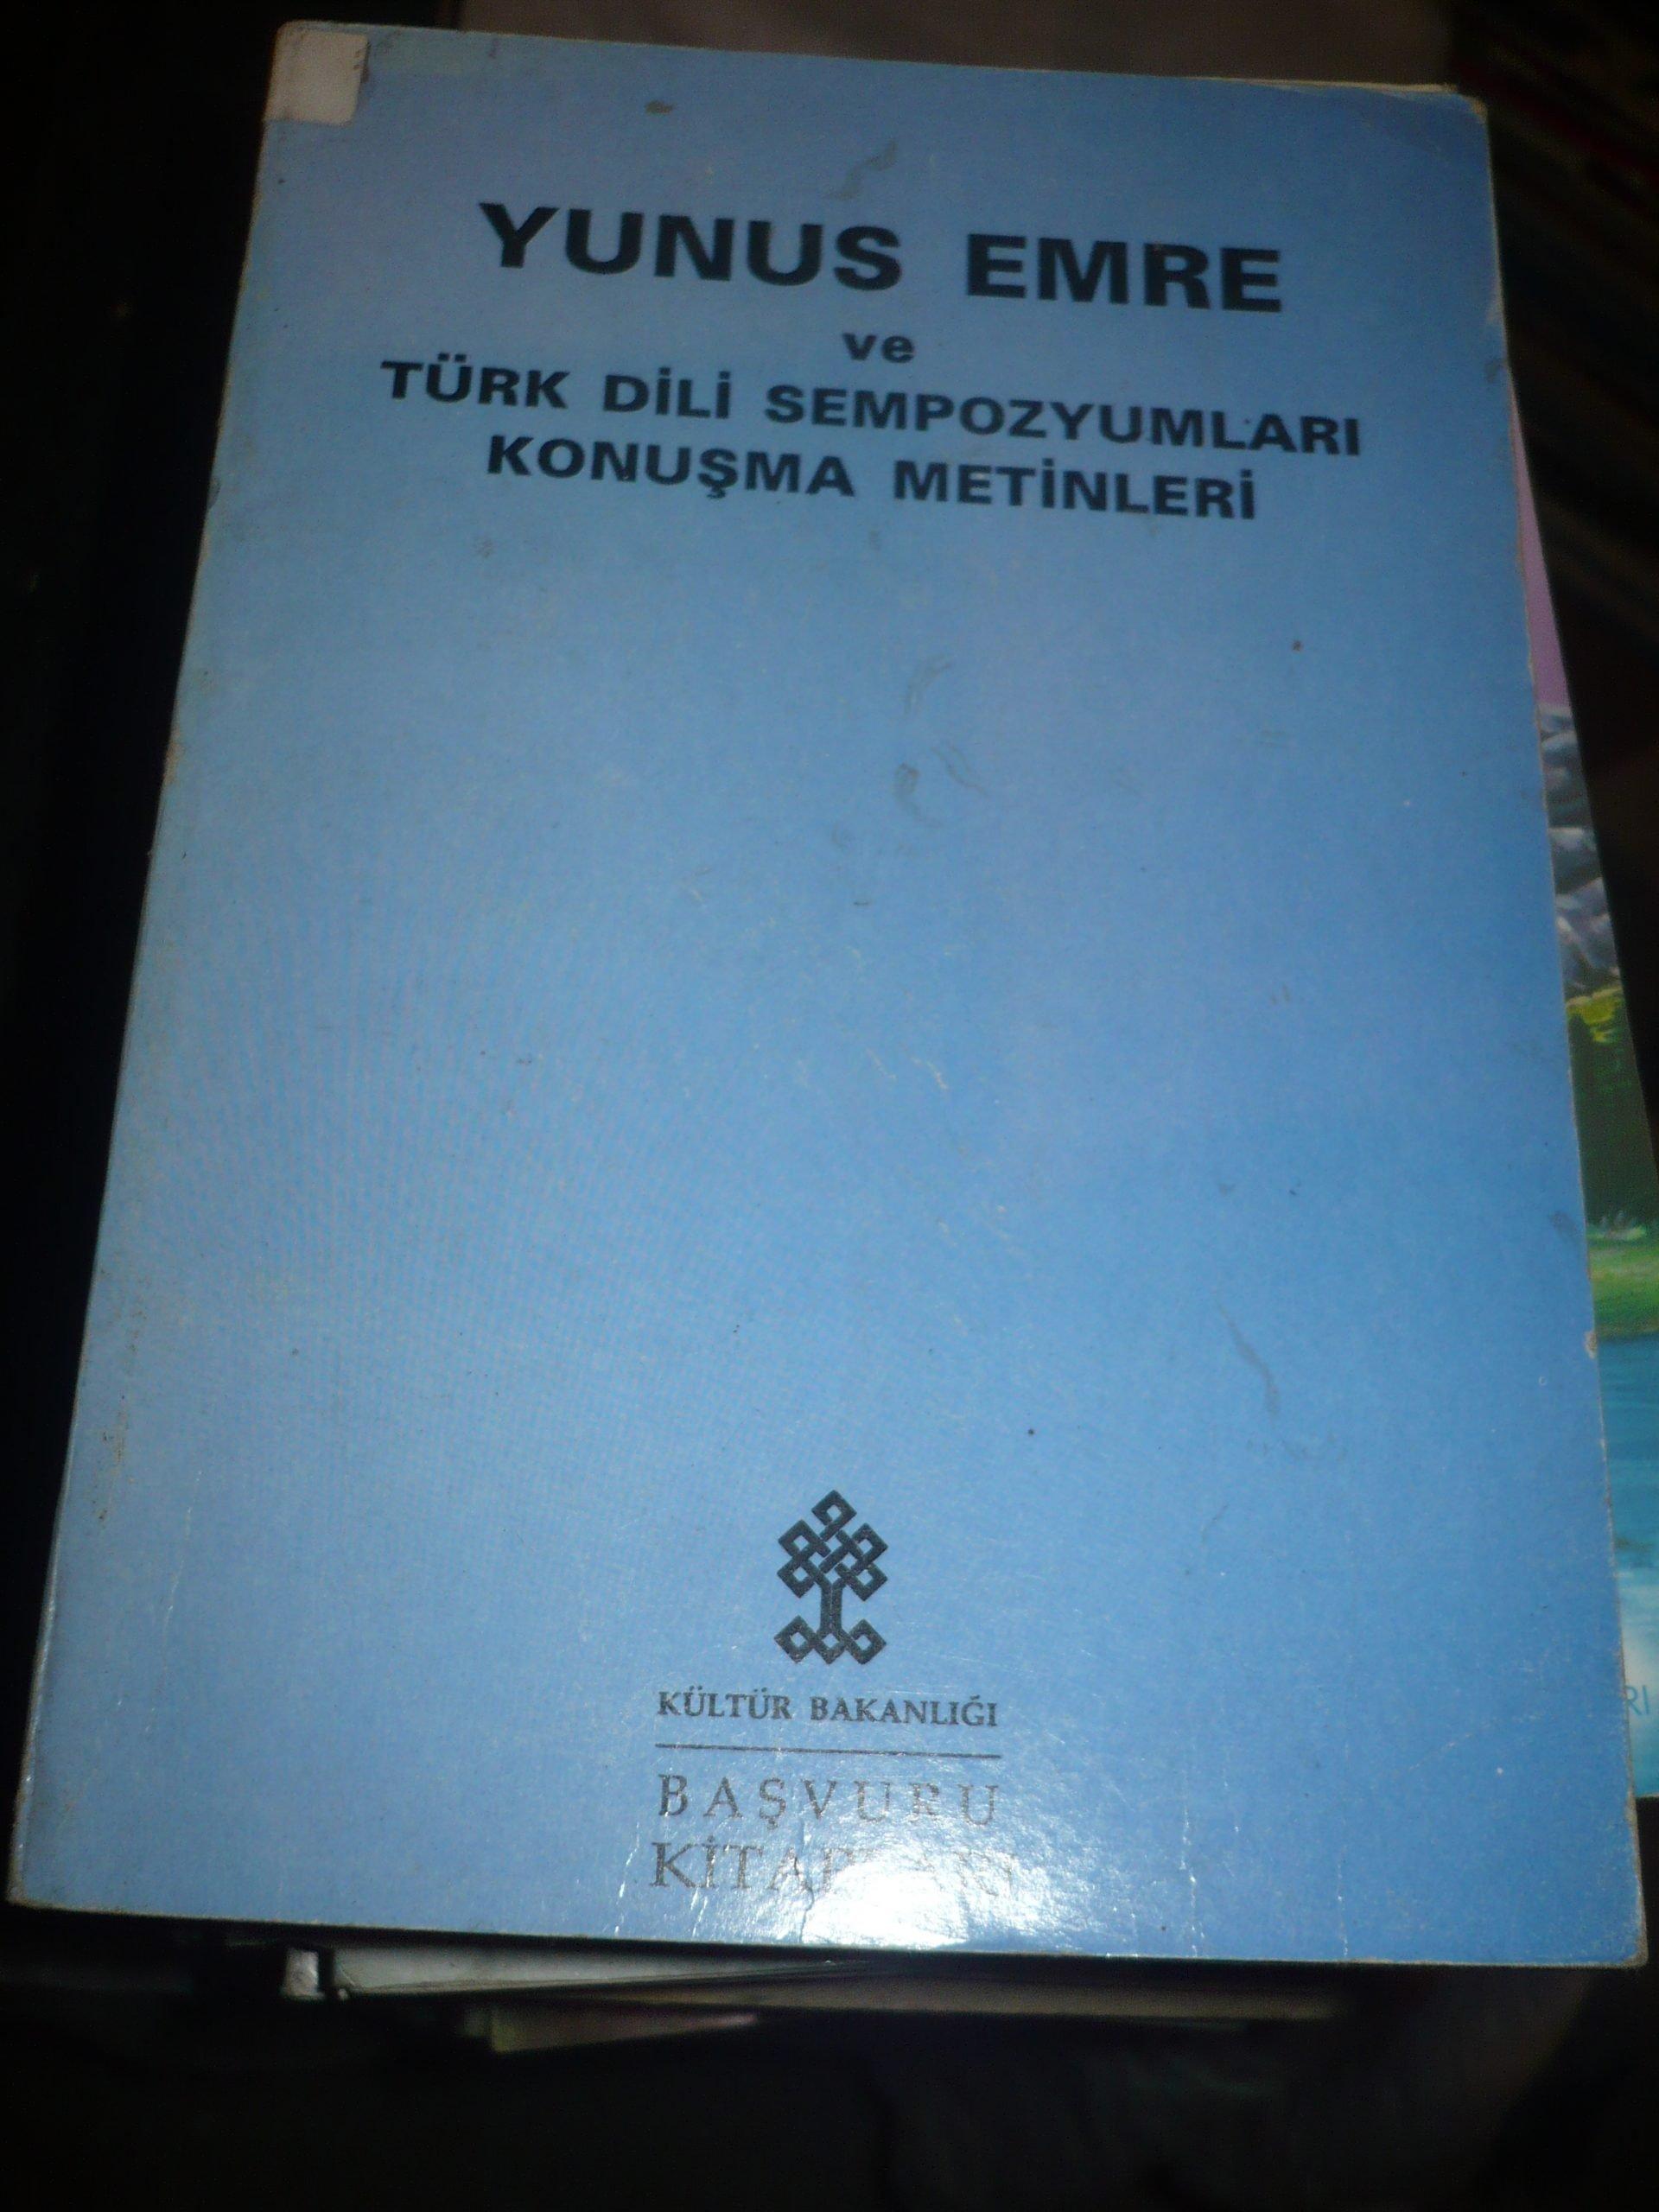 YUNUS EMRE ve Türk Dili Sempozyumları Konuşma Metinleri/Kültür Bakanlığı/15 tl